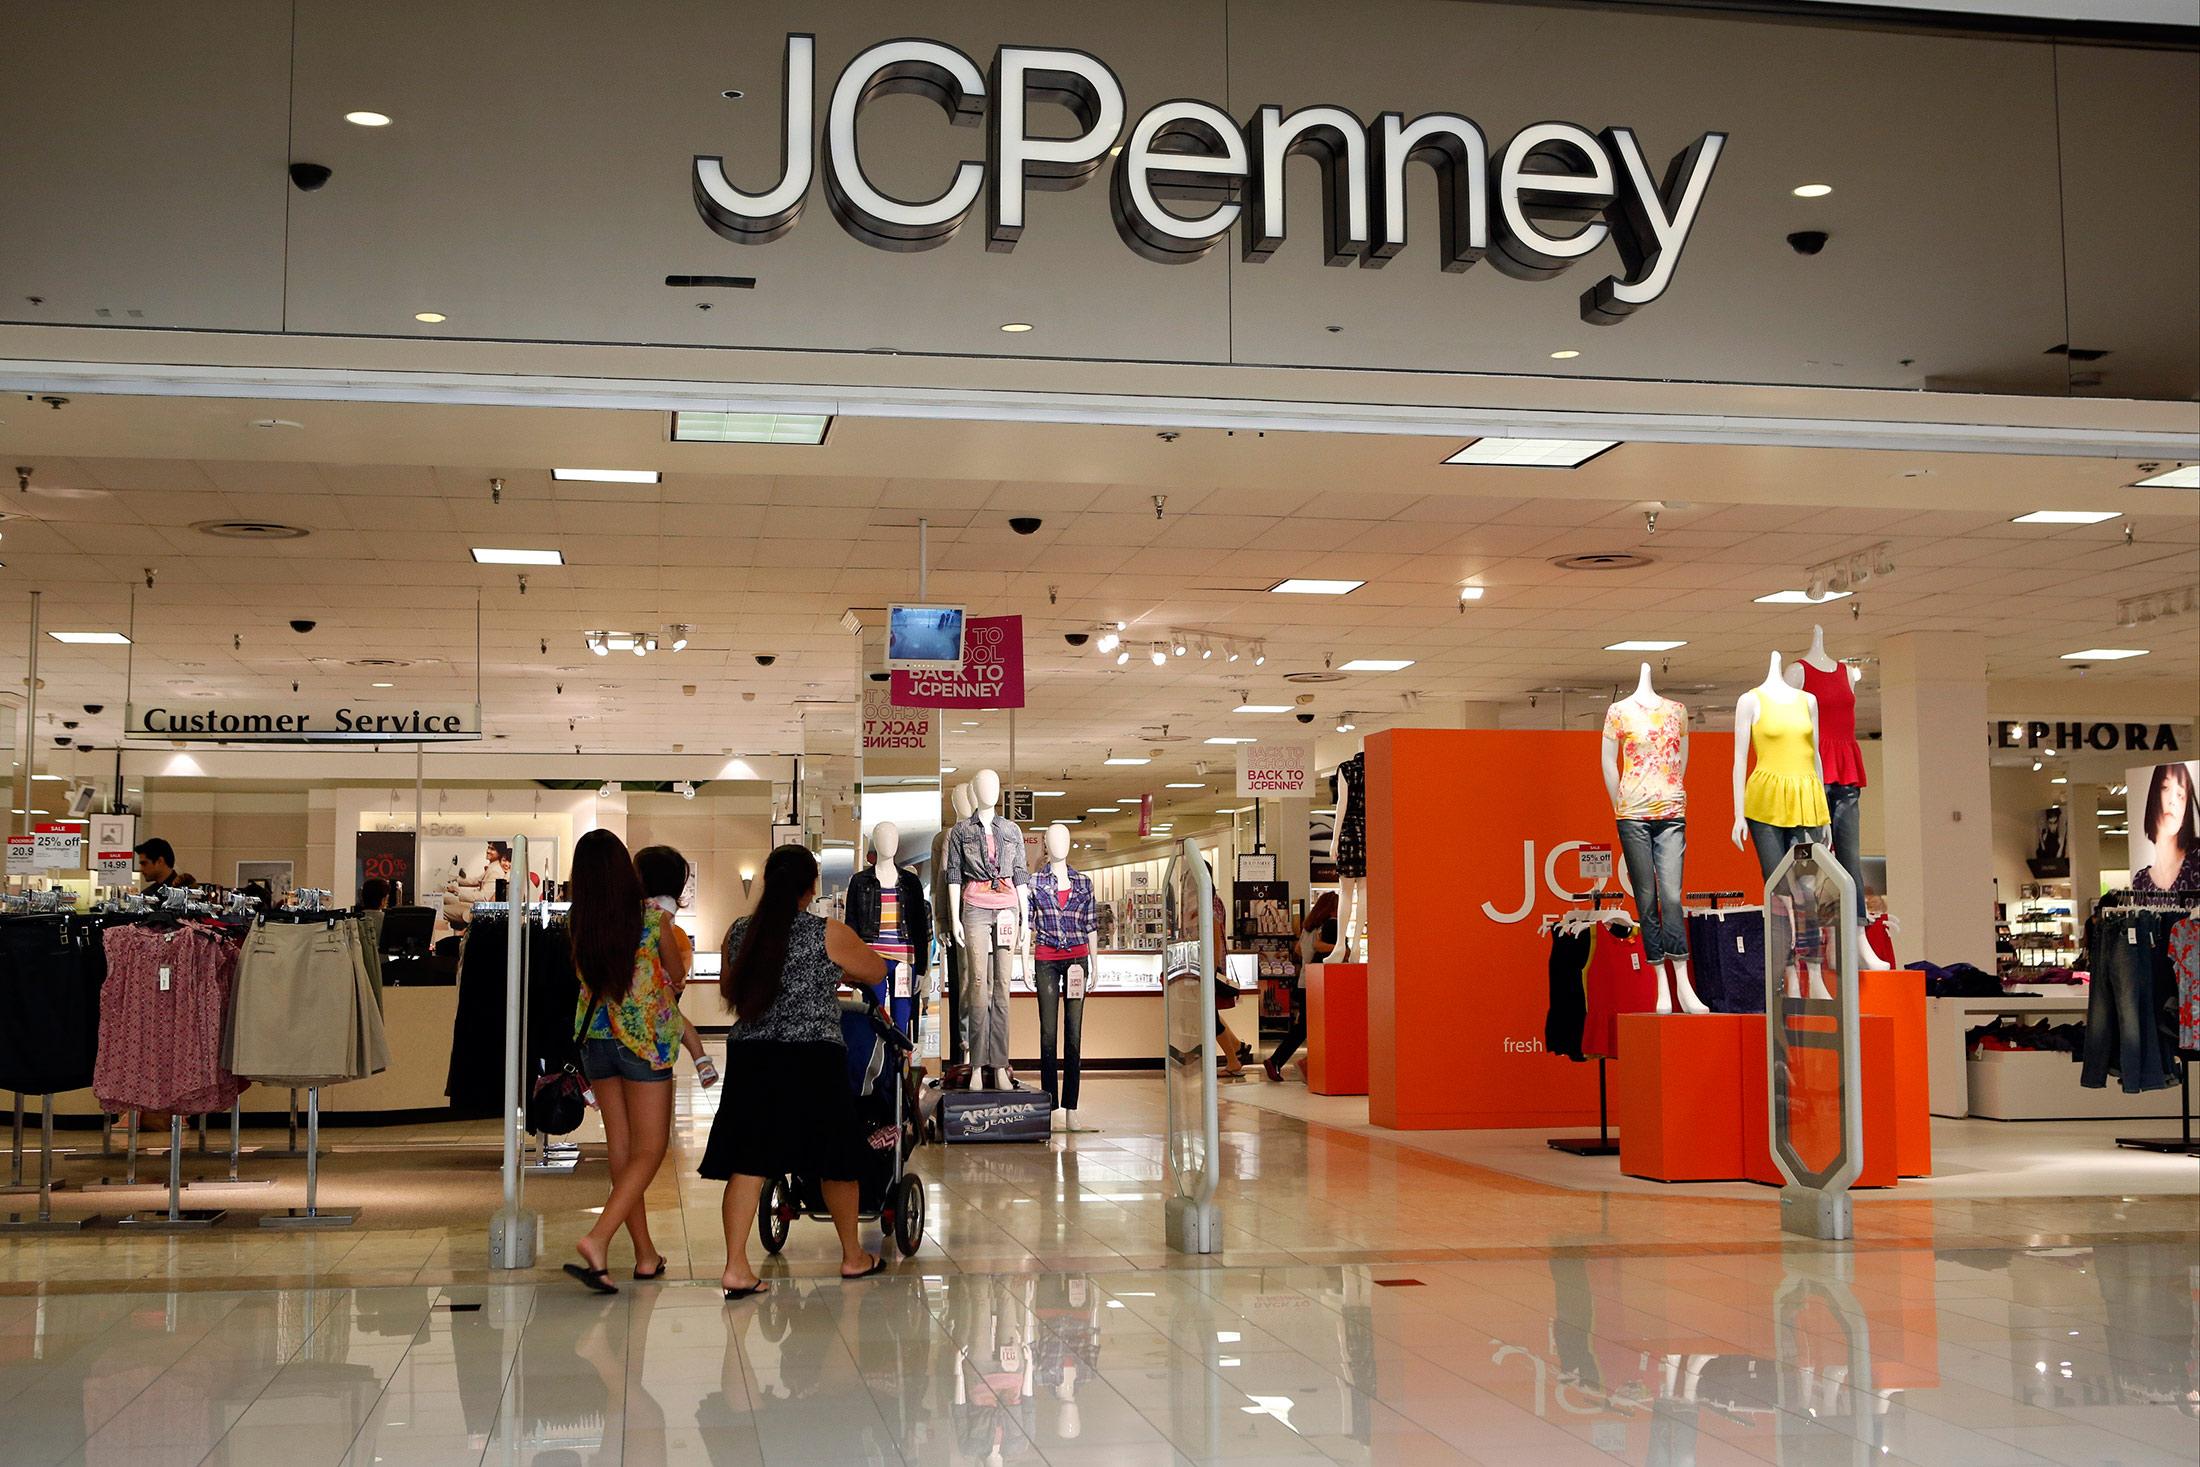 jc penney v target Jcpenney troy • j c penney #1352-4 oakland troy • j c penney 13524 oakland troy • jc penney oakland mall troy •  target big box store 32001.